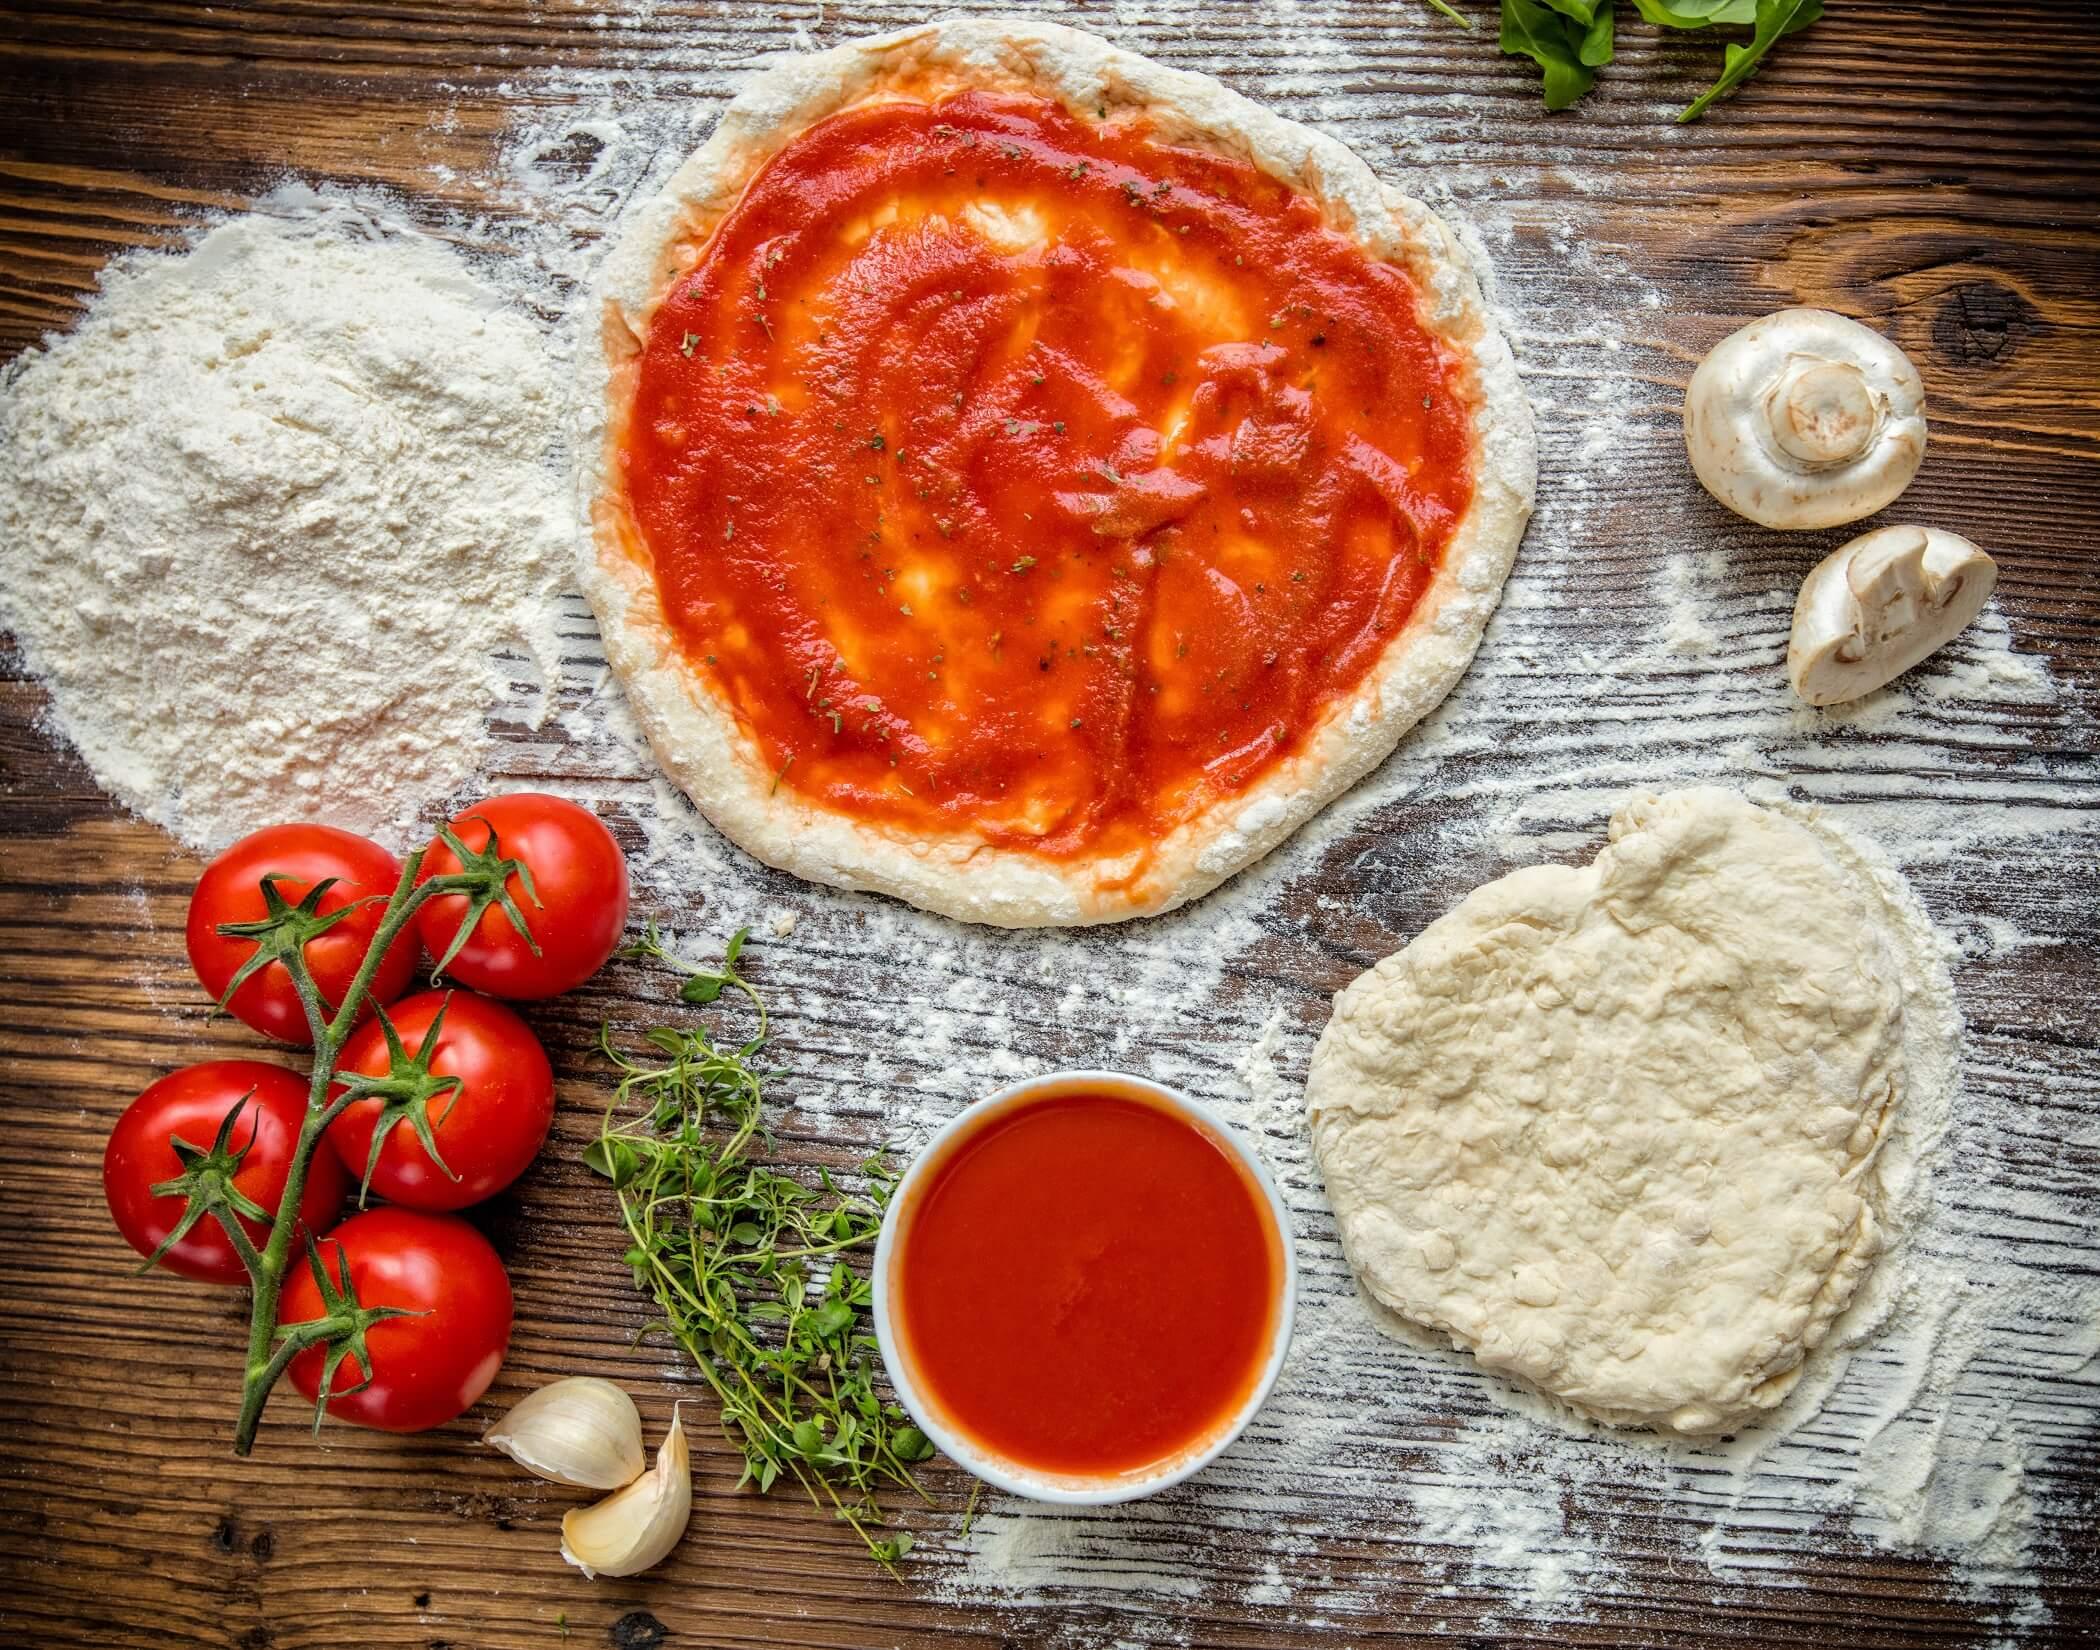 Pizzateig-Rezept-ohne-Hefe-und-klassisch